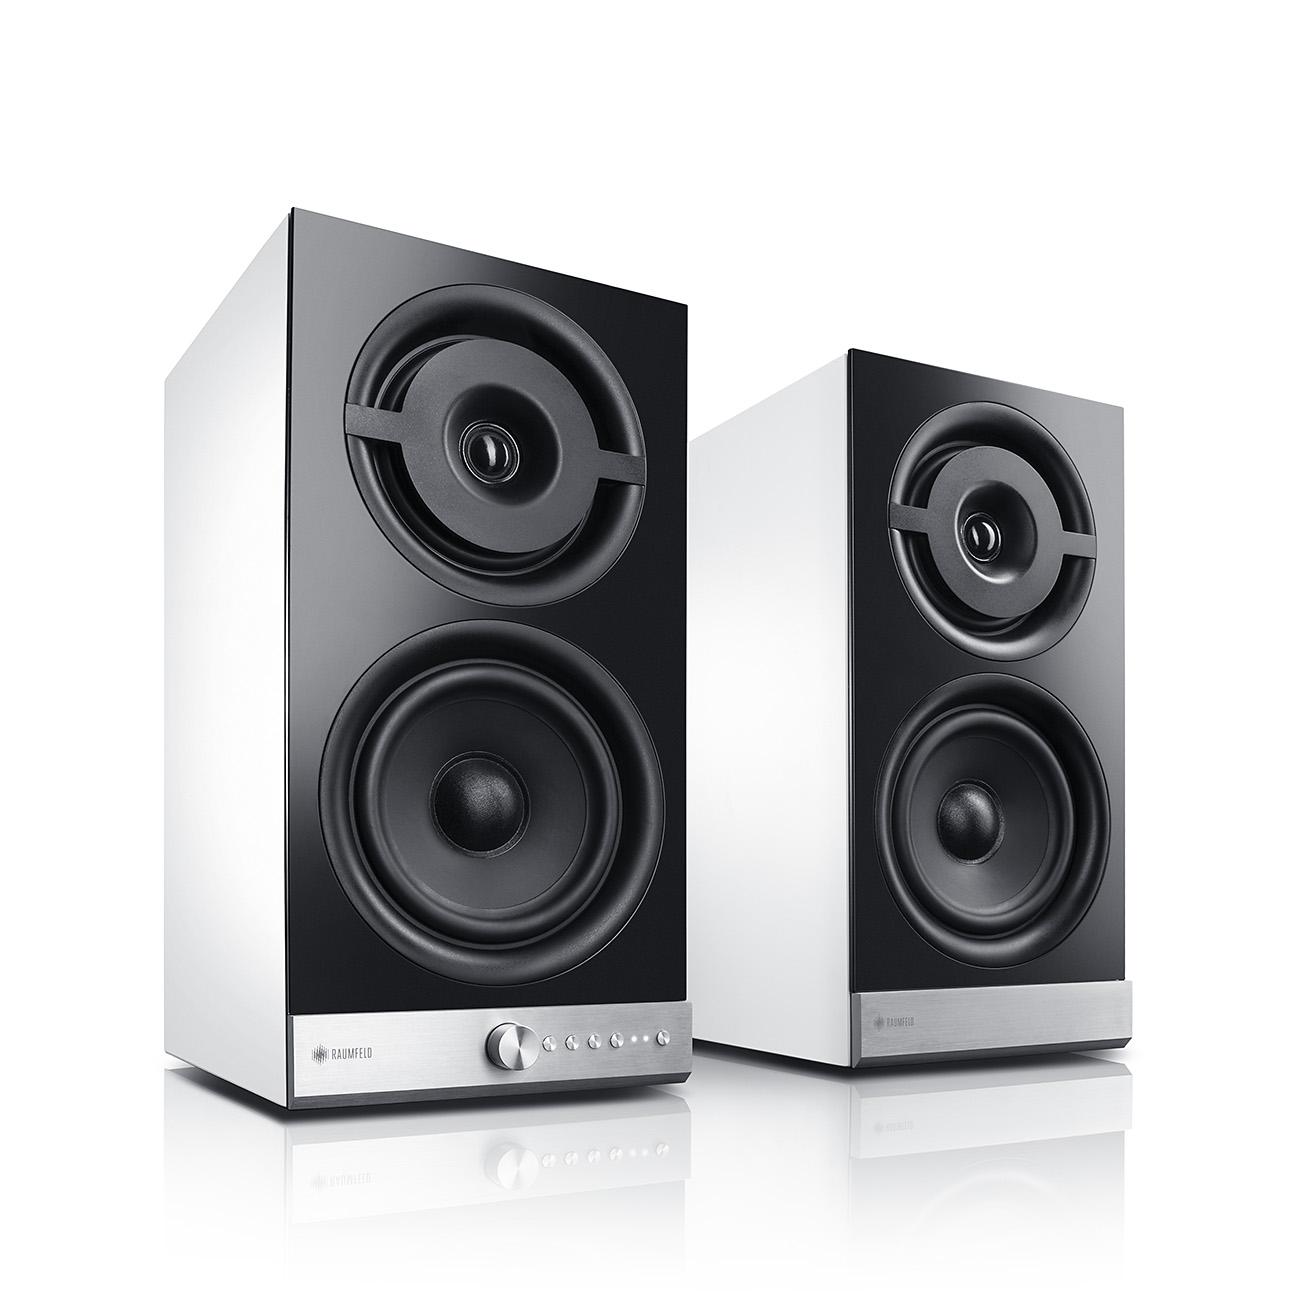 Raumfeld đưa hệ thống streaming độ phân giải cao tới CES 2015